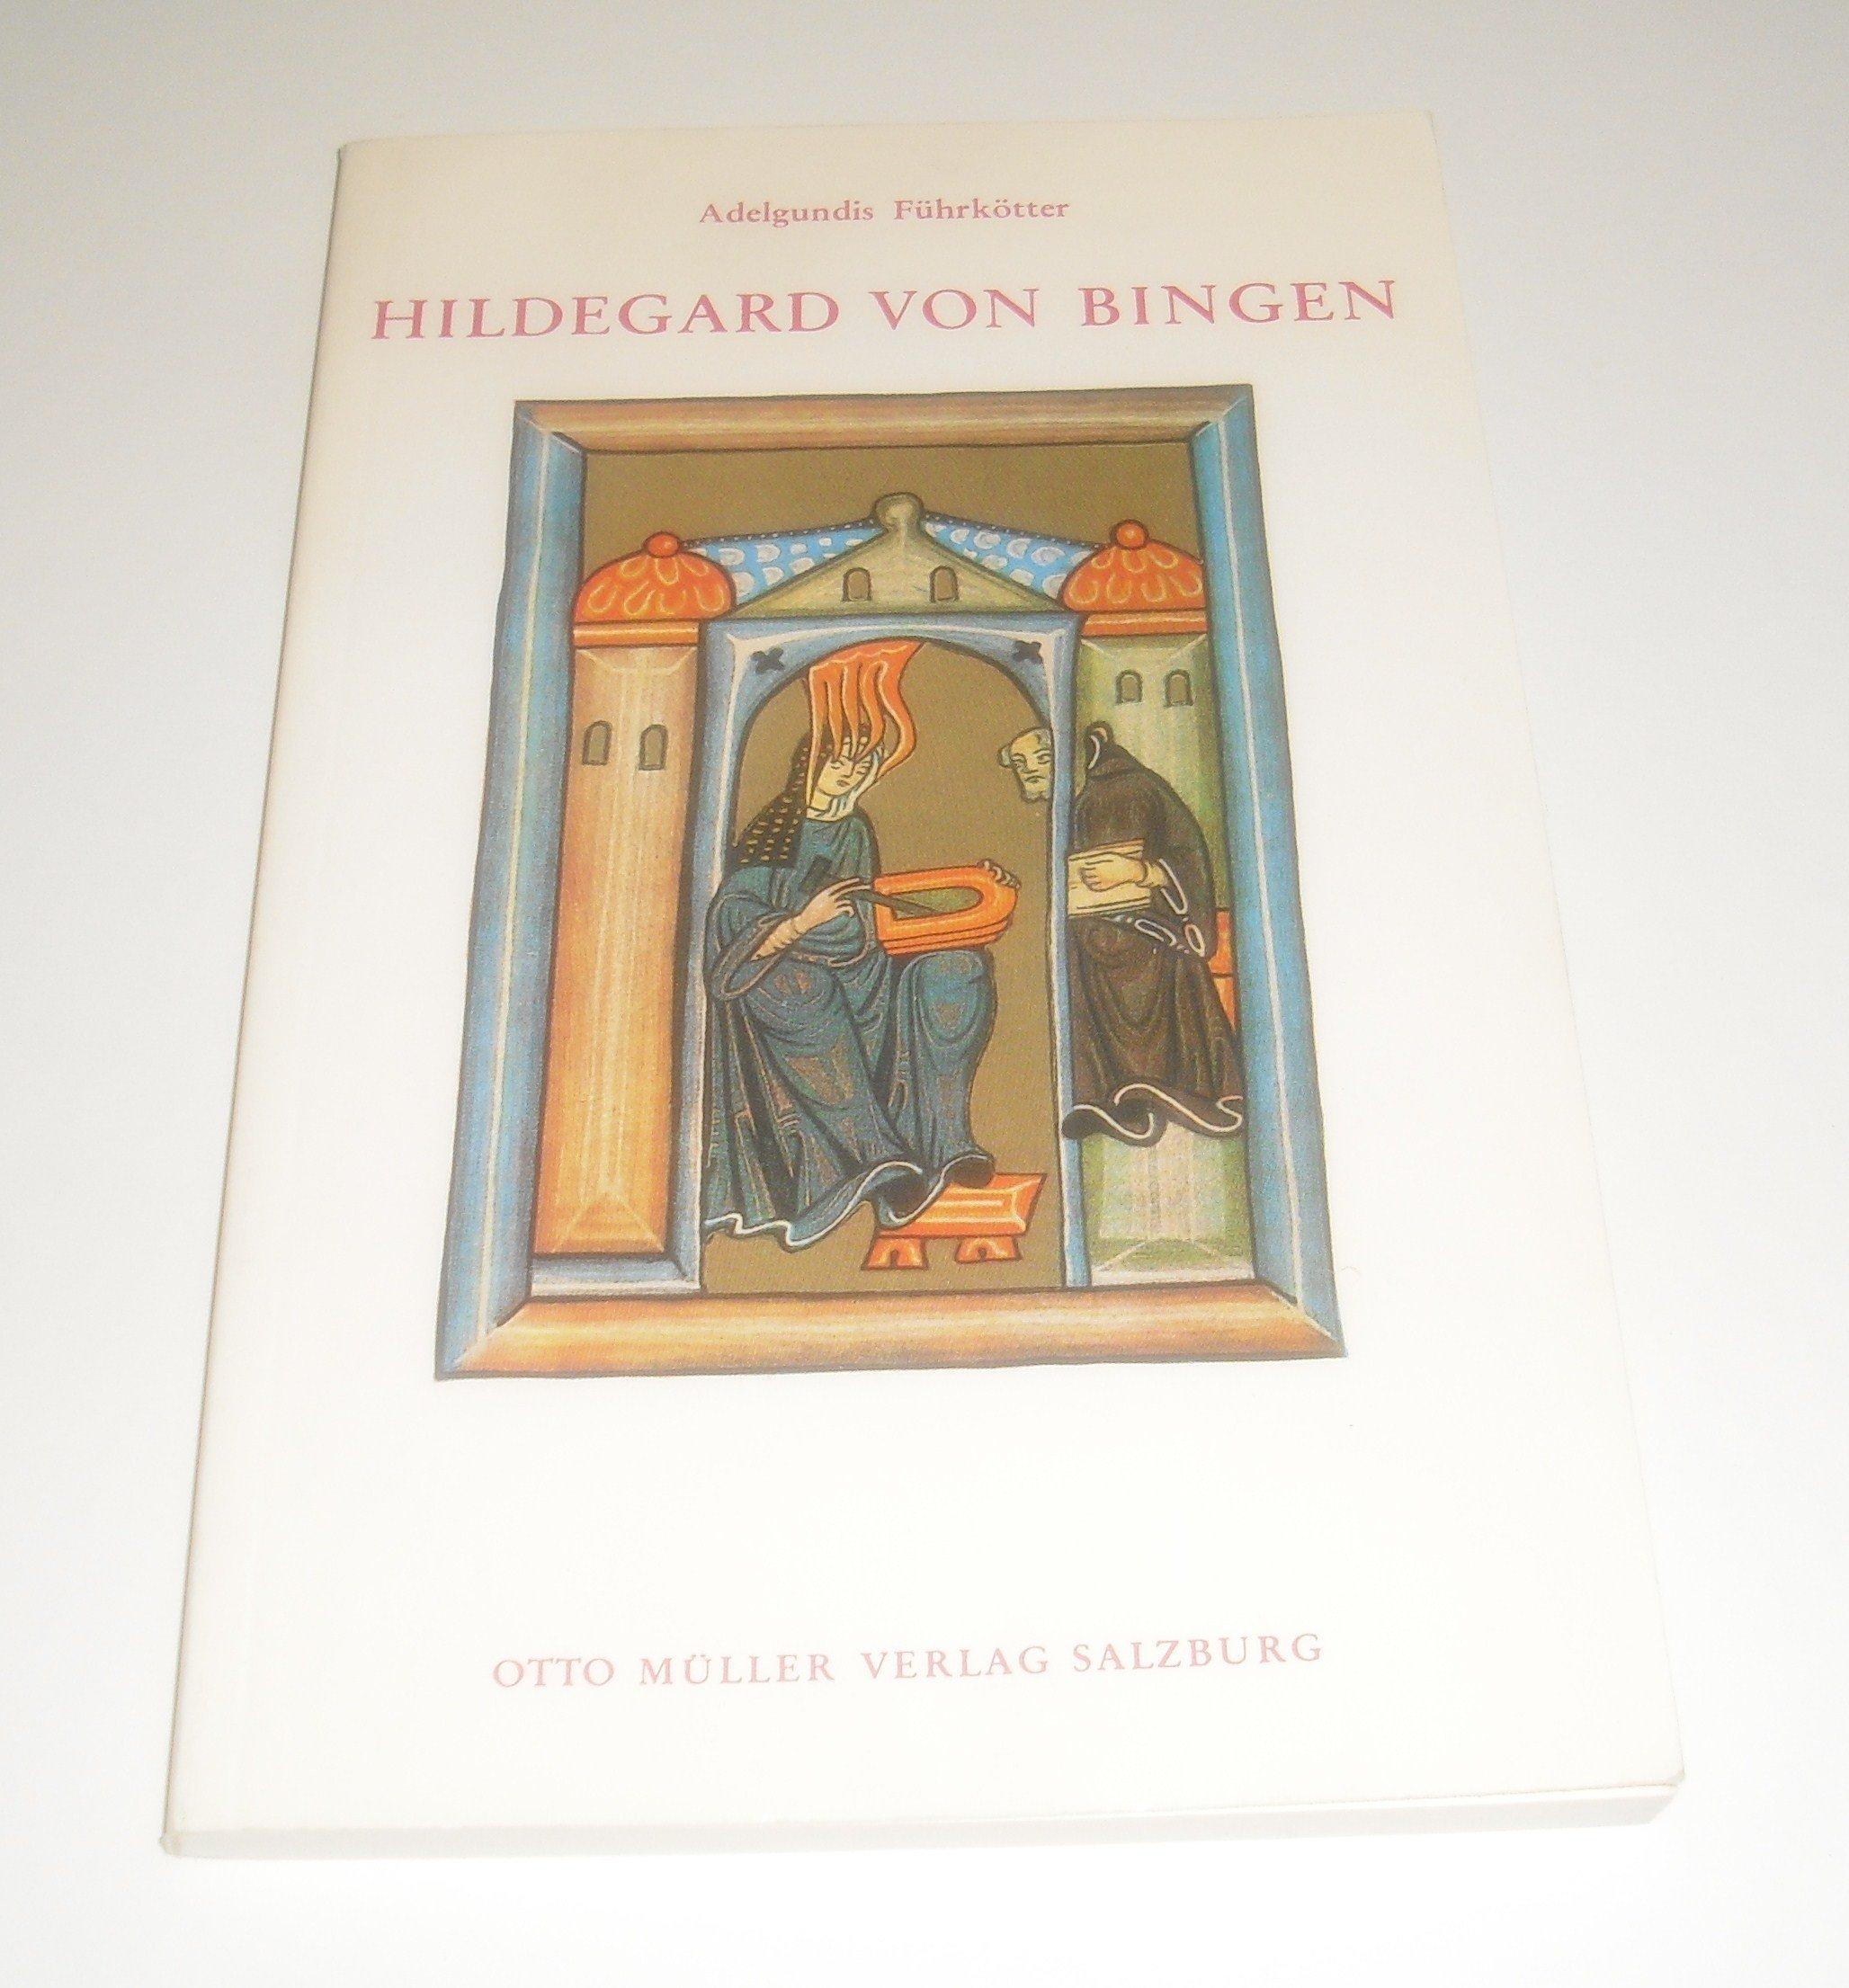 Hildegard von Bingen: Biographie